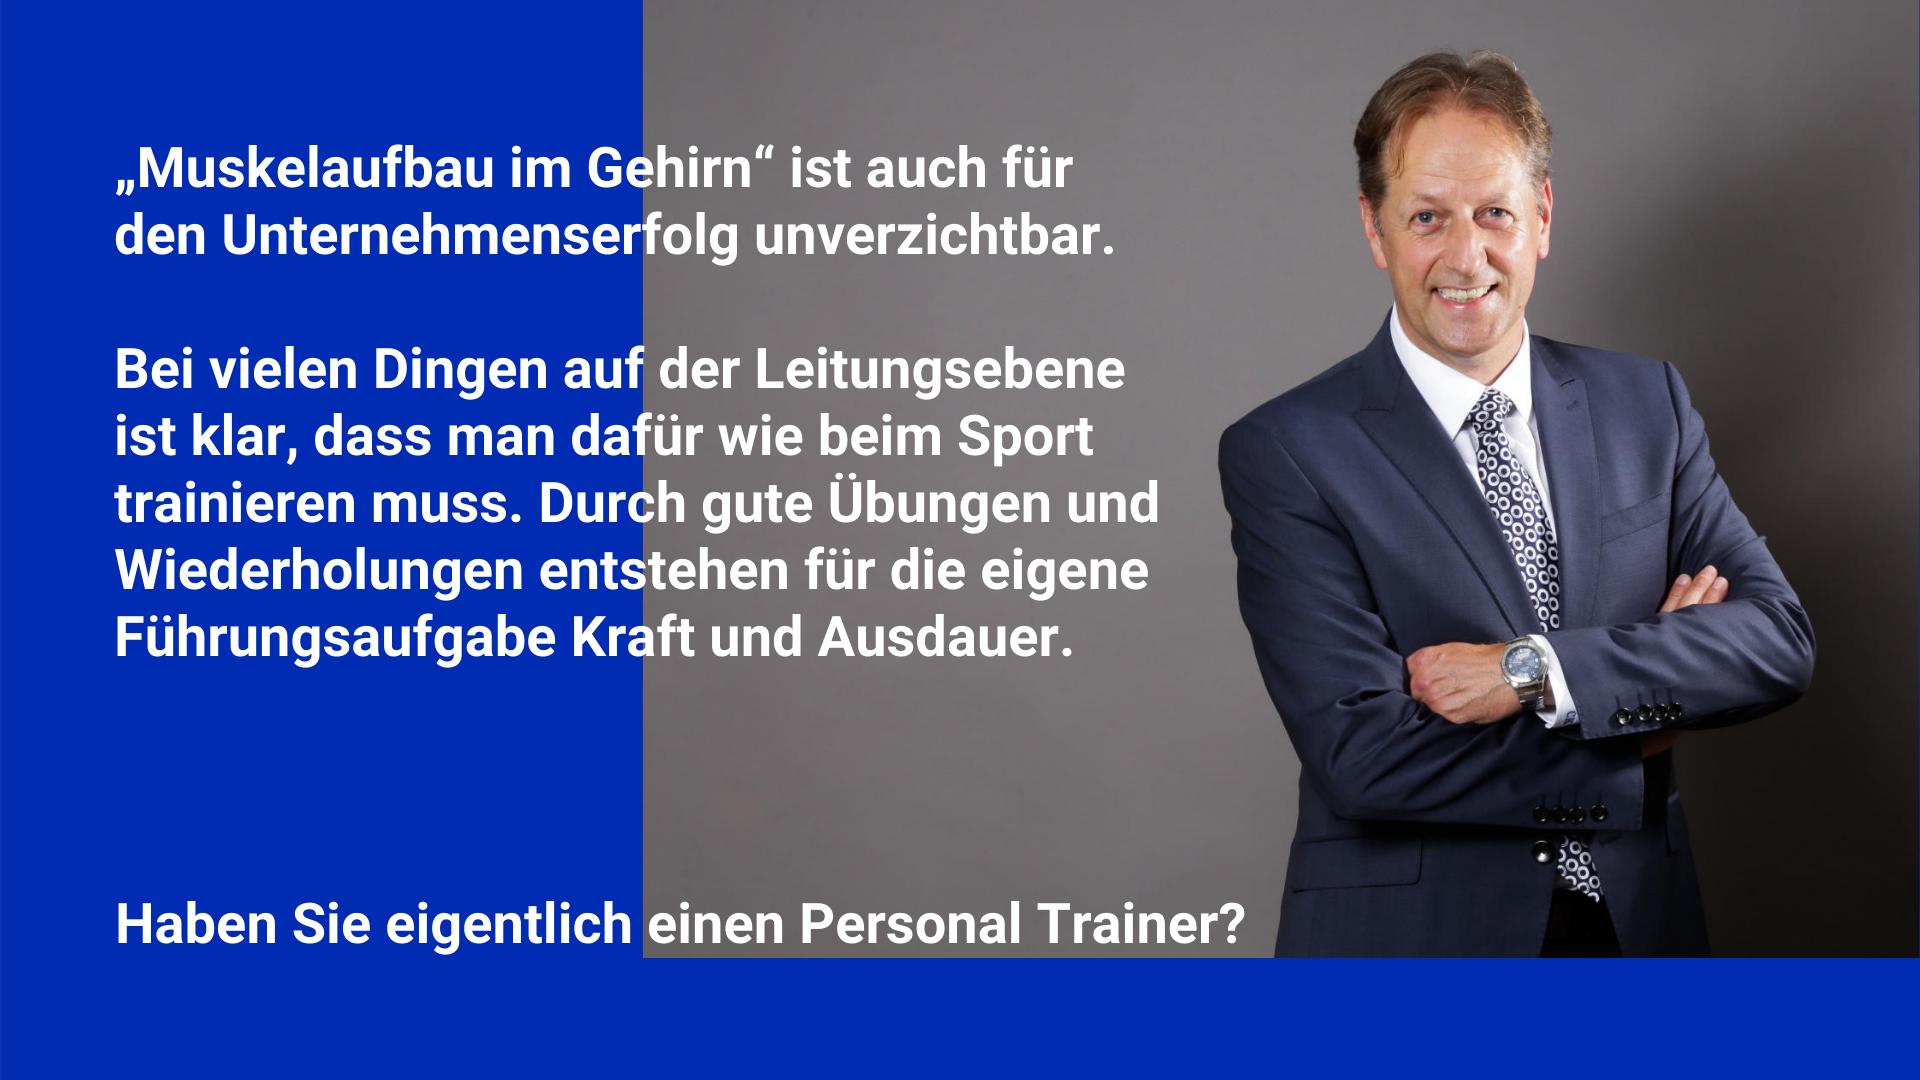 Leistungen: Haben Sie eigentlich einen Personal Trainer fürs Business?